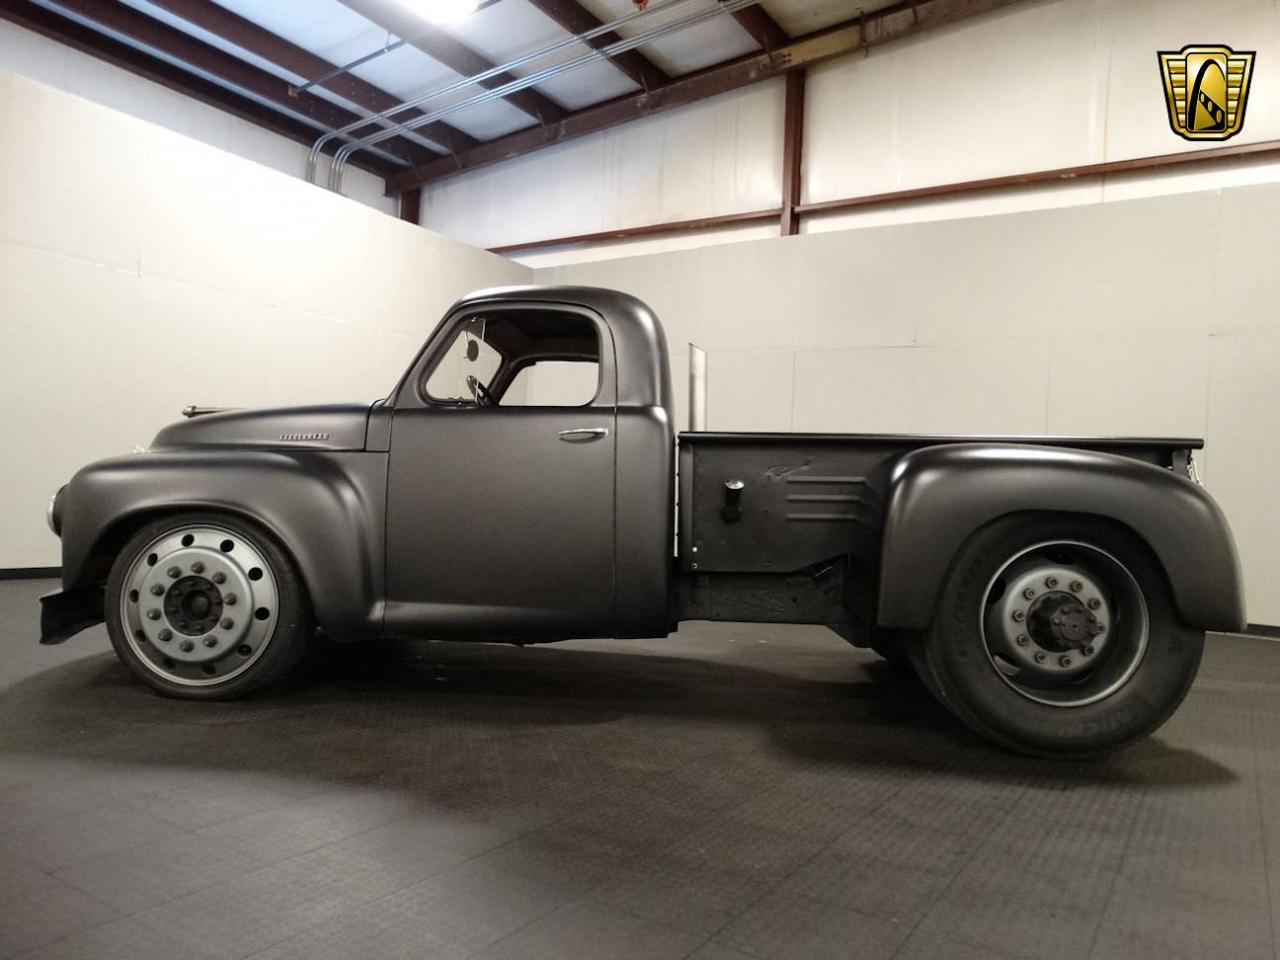 for sale  custom 1953 studebaker truck with a navistar